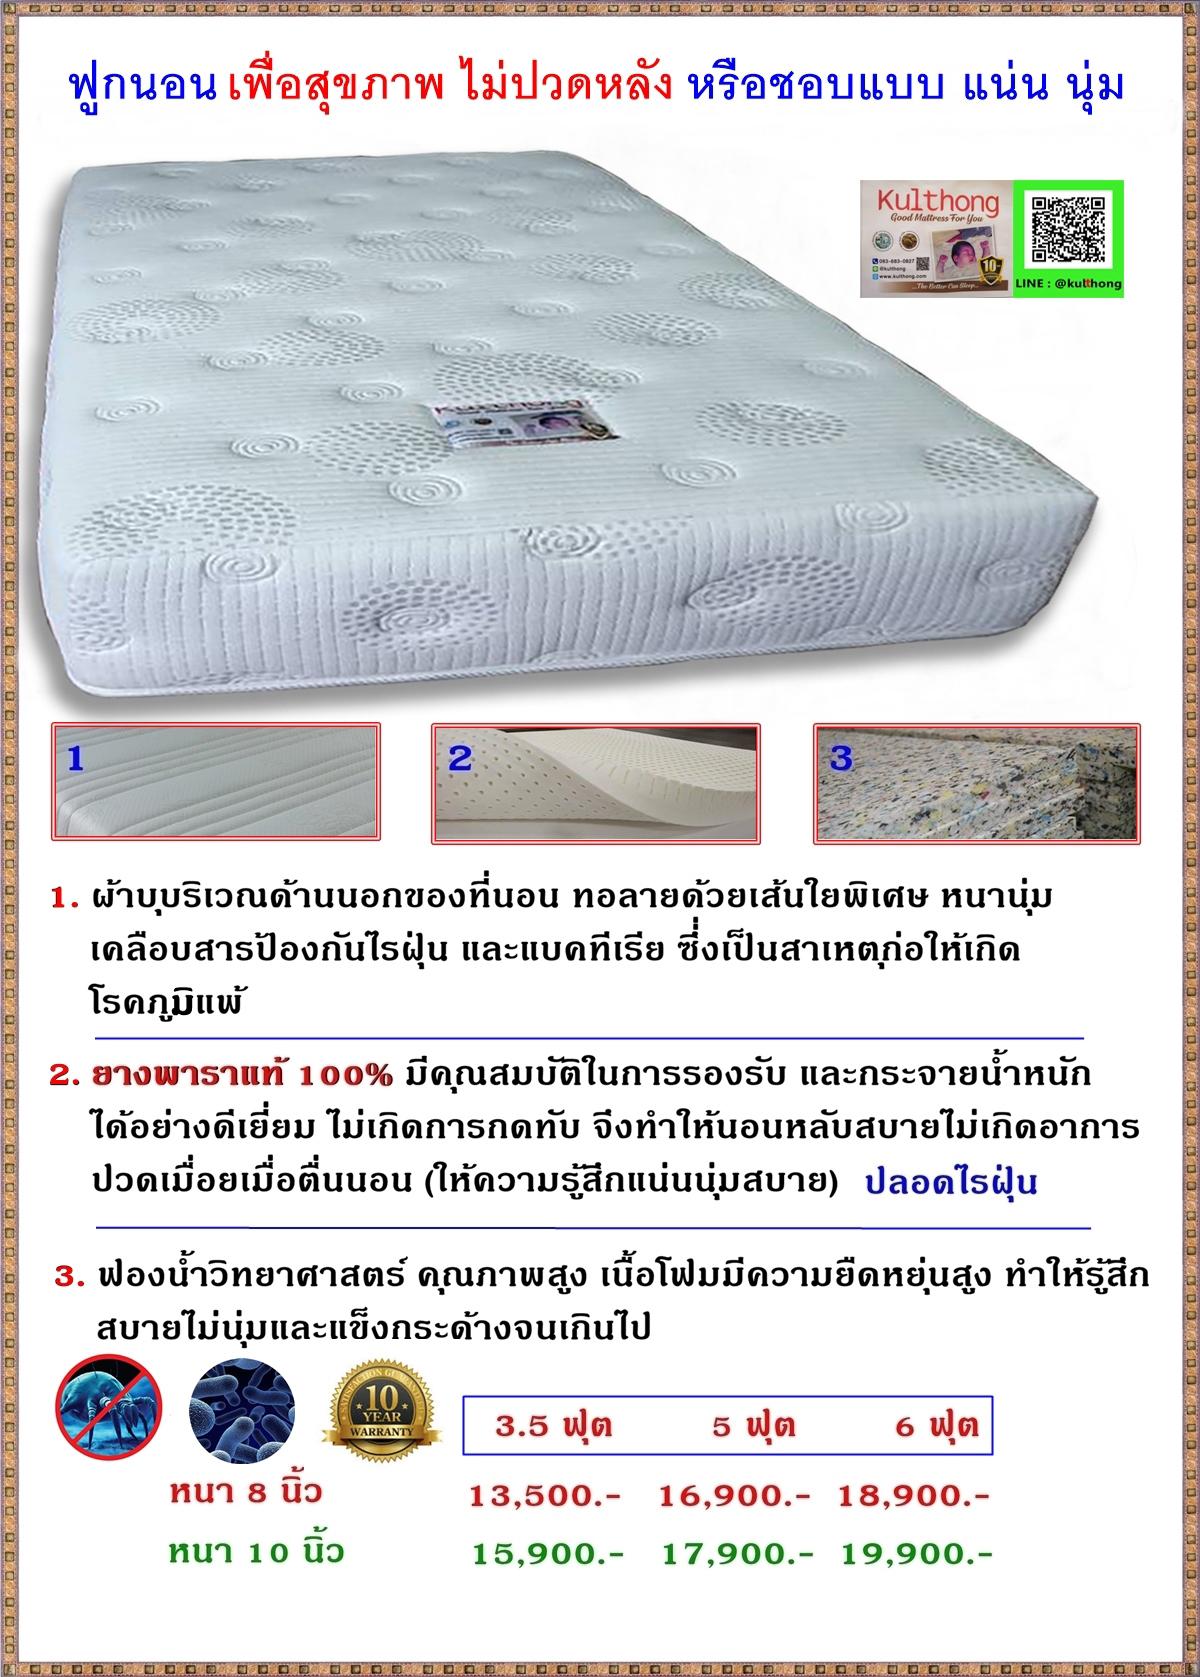 ที่นอนยางพารา ที่นอนเพื่อสุขภาพ ที่นอนฟองน้ำอัด